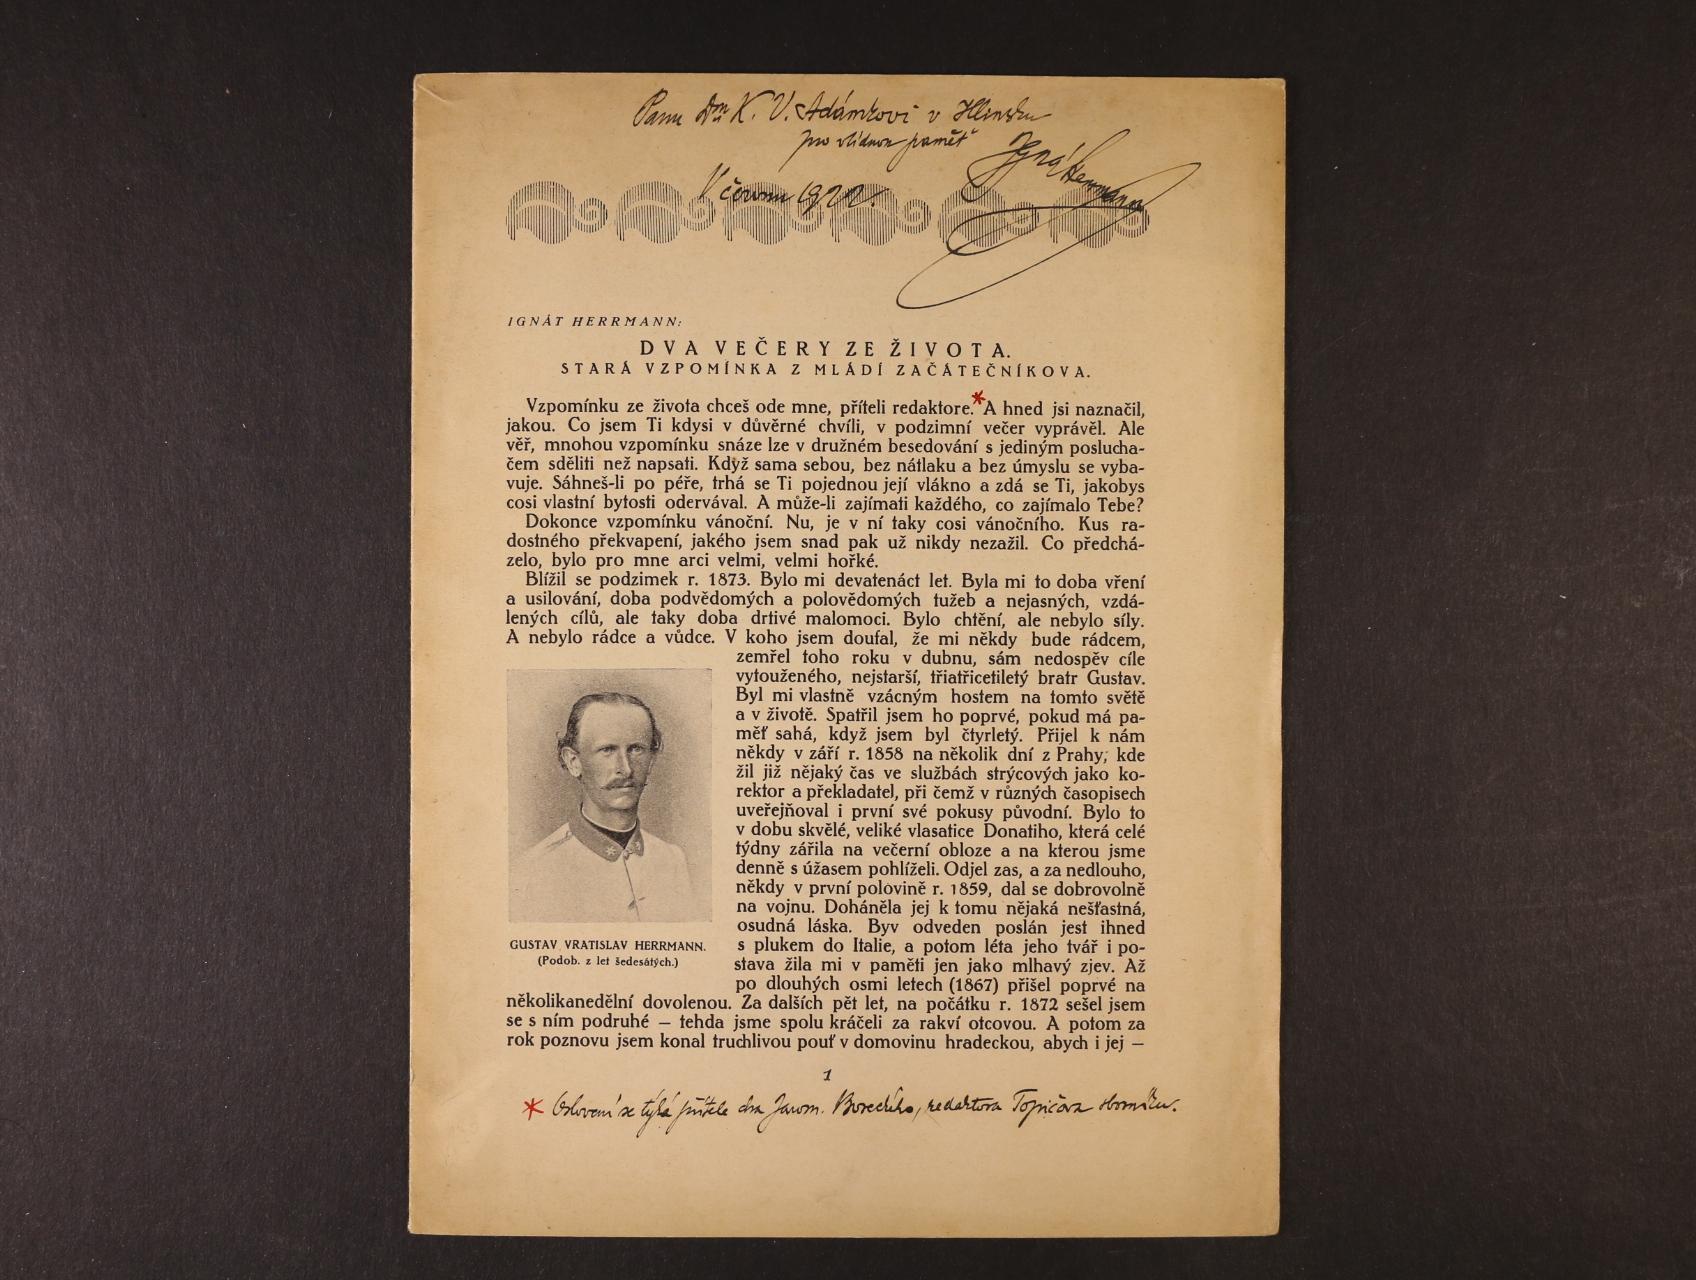 Herman Ignát 1854 - 1935, význačný čs. spisovatel, humorista, redaktor - zvláštní tisk z Topičova Sborníku literárního a uměleckého, prosinec 1917, s poznámkami a vlastnoručním podpisem